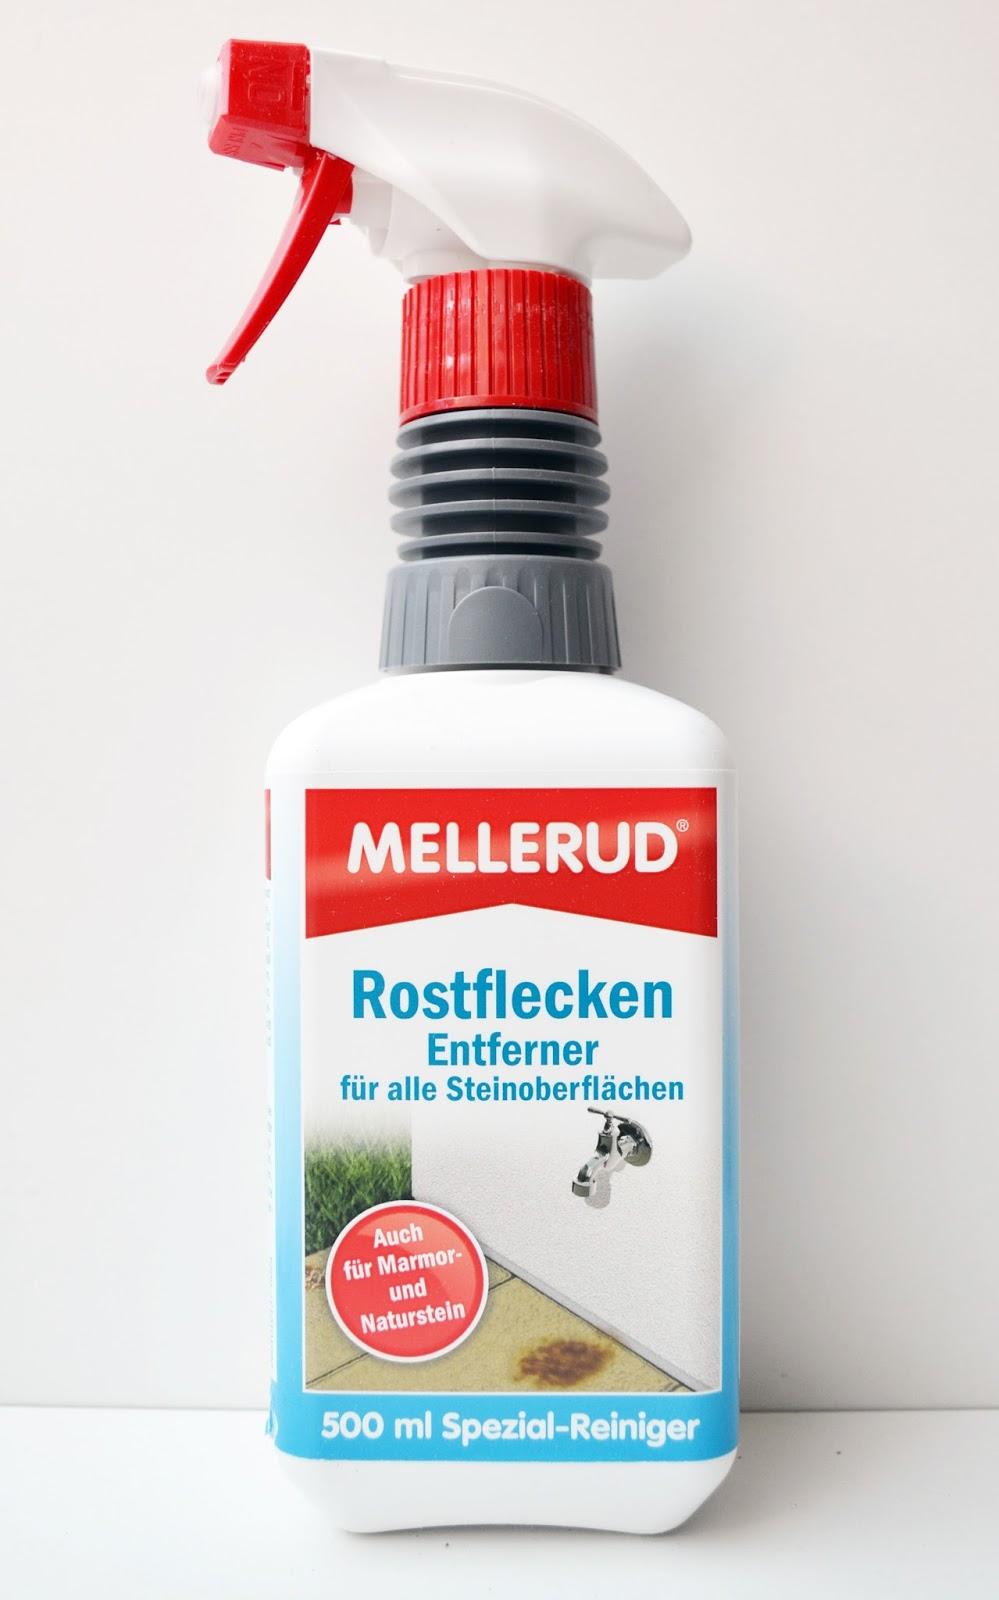 Anzeige Mellerud Rostflecken Entferner Kb Sunrise